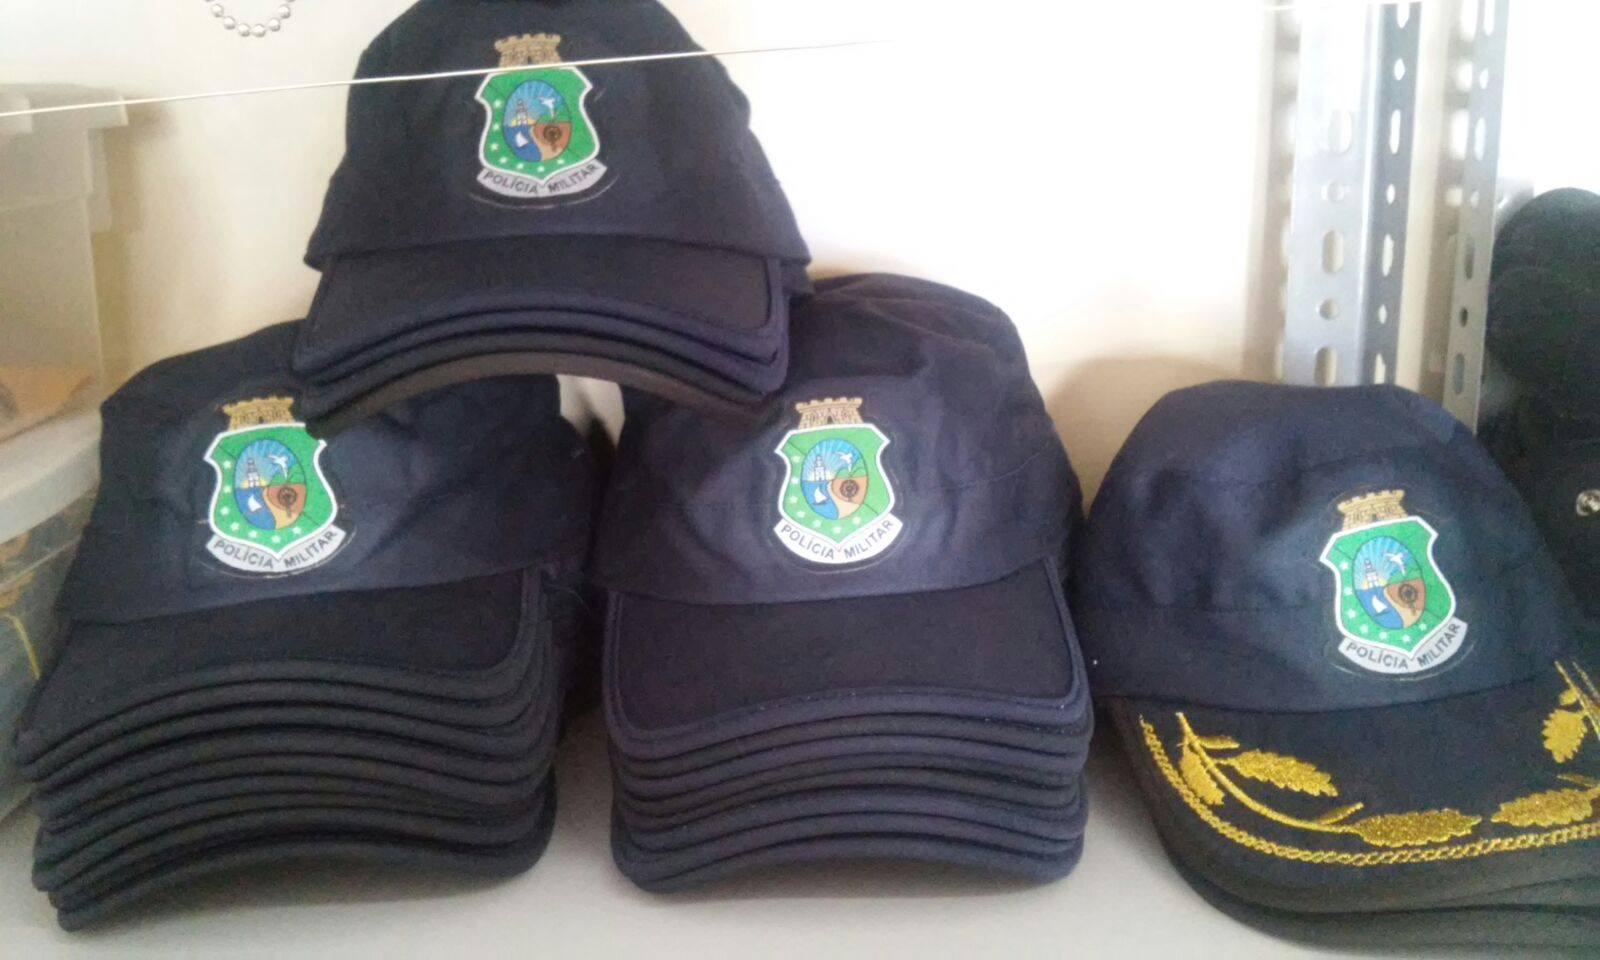 Distintivos, blusas e bonés da Polícia são comercializados